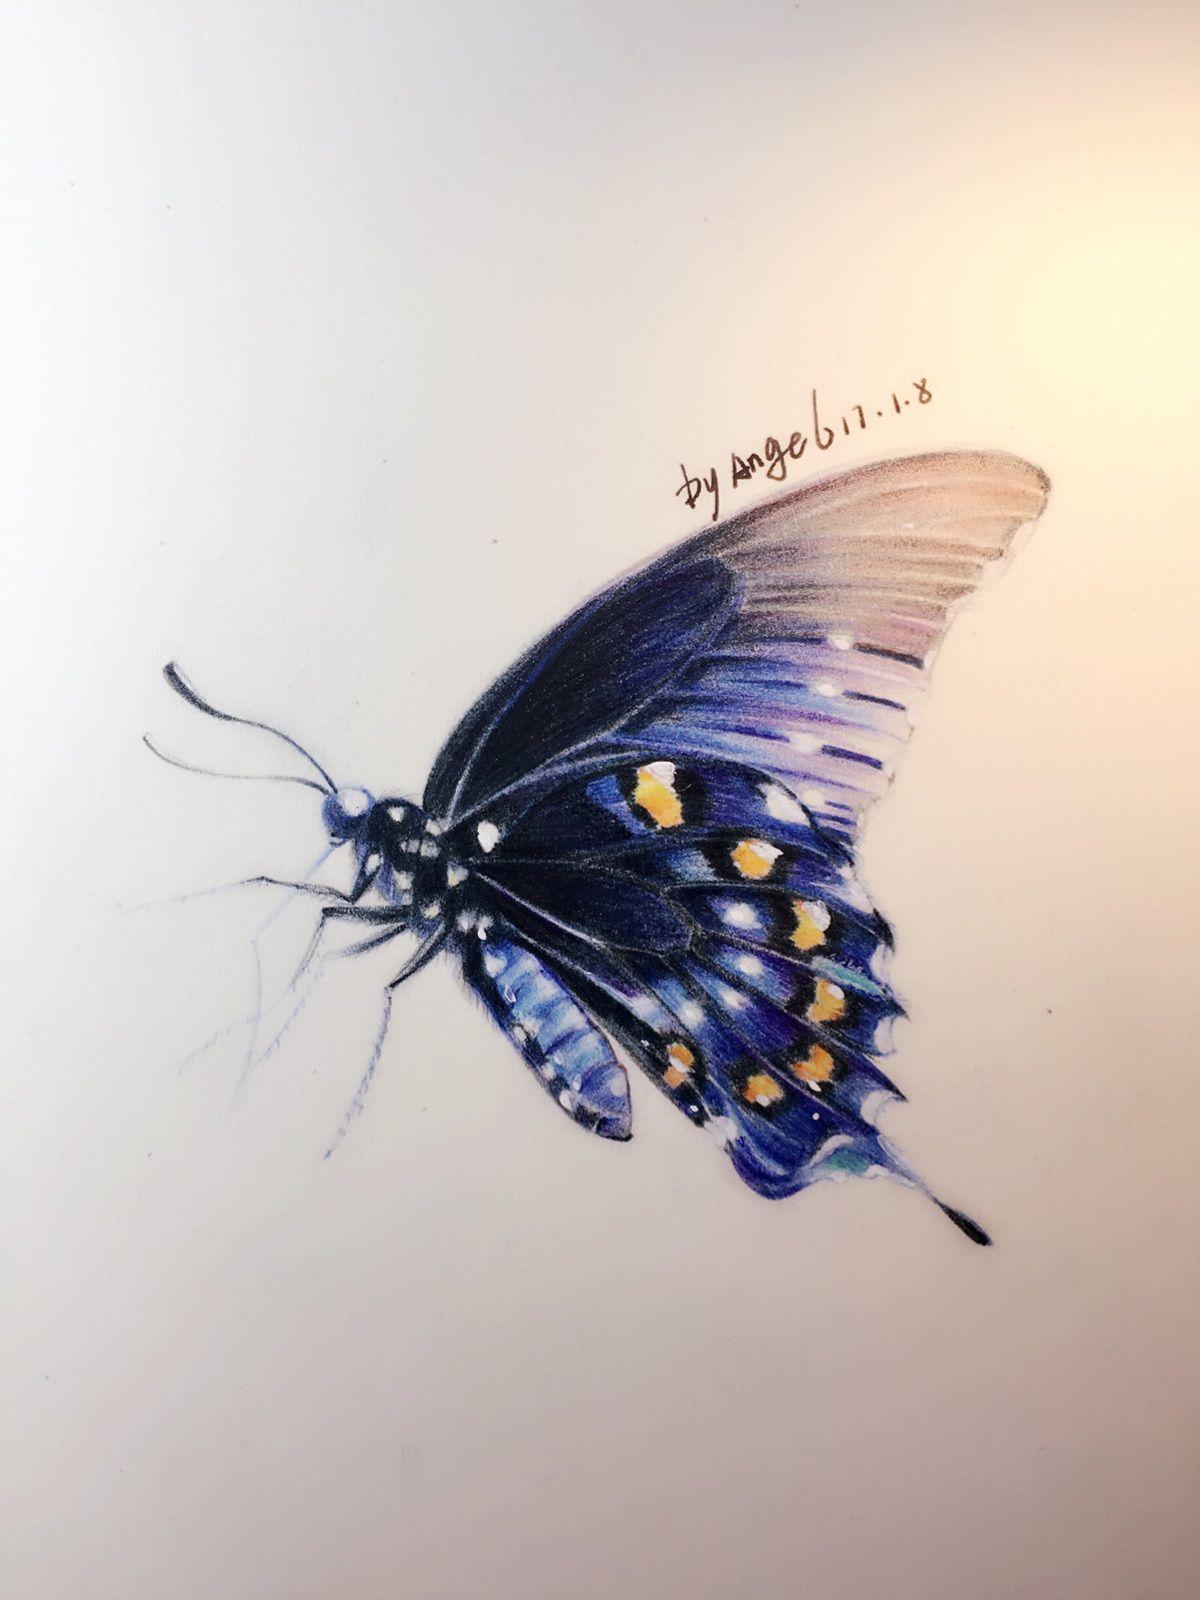 彩铅手绘教程,蝴蝶,适合初学者练习色彩感